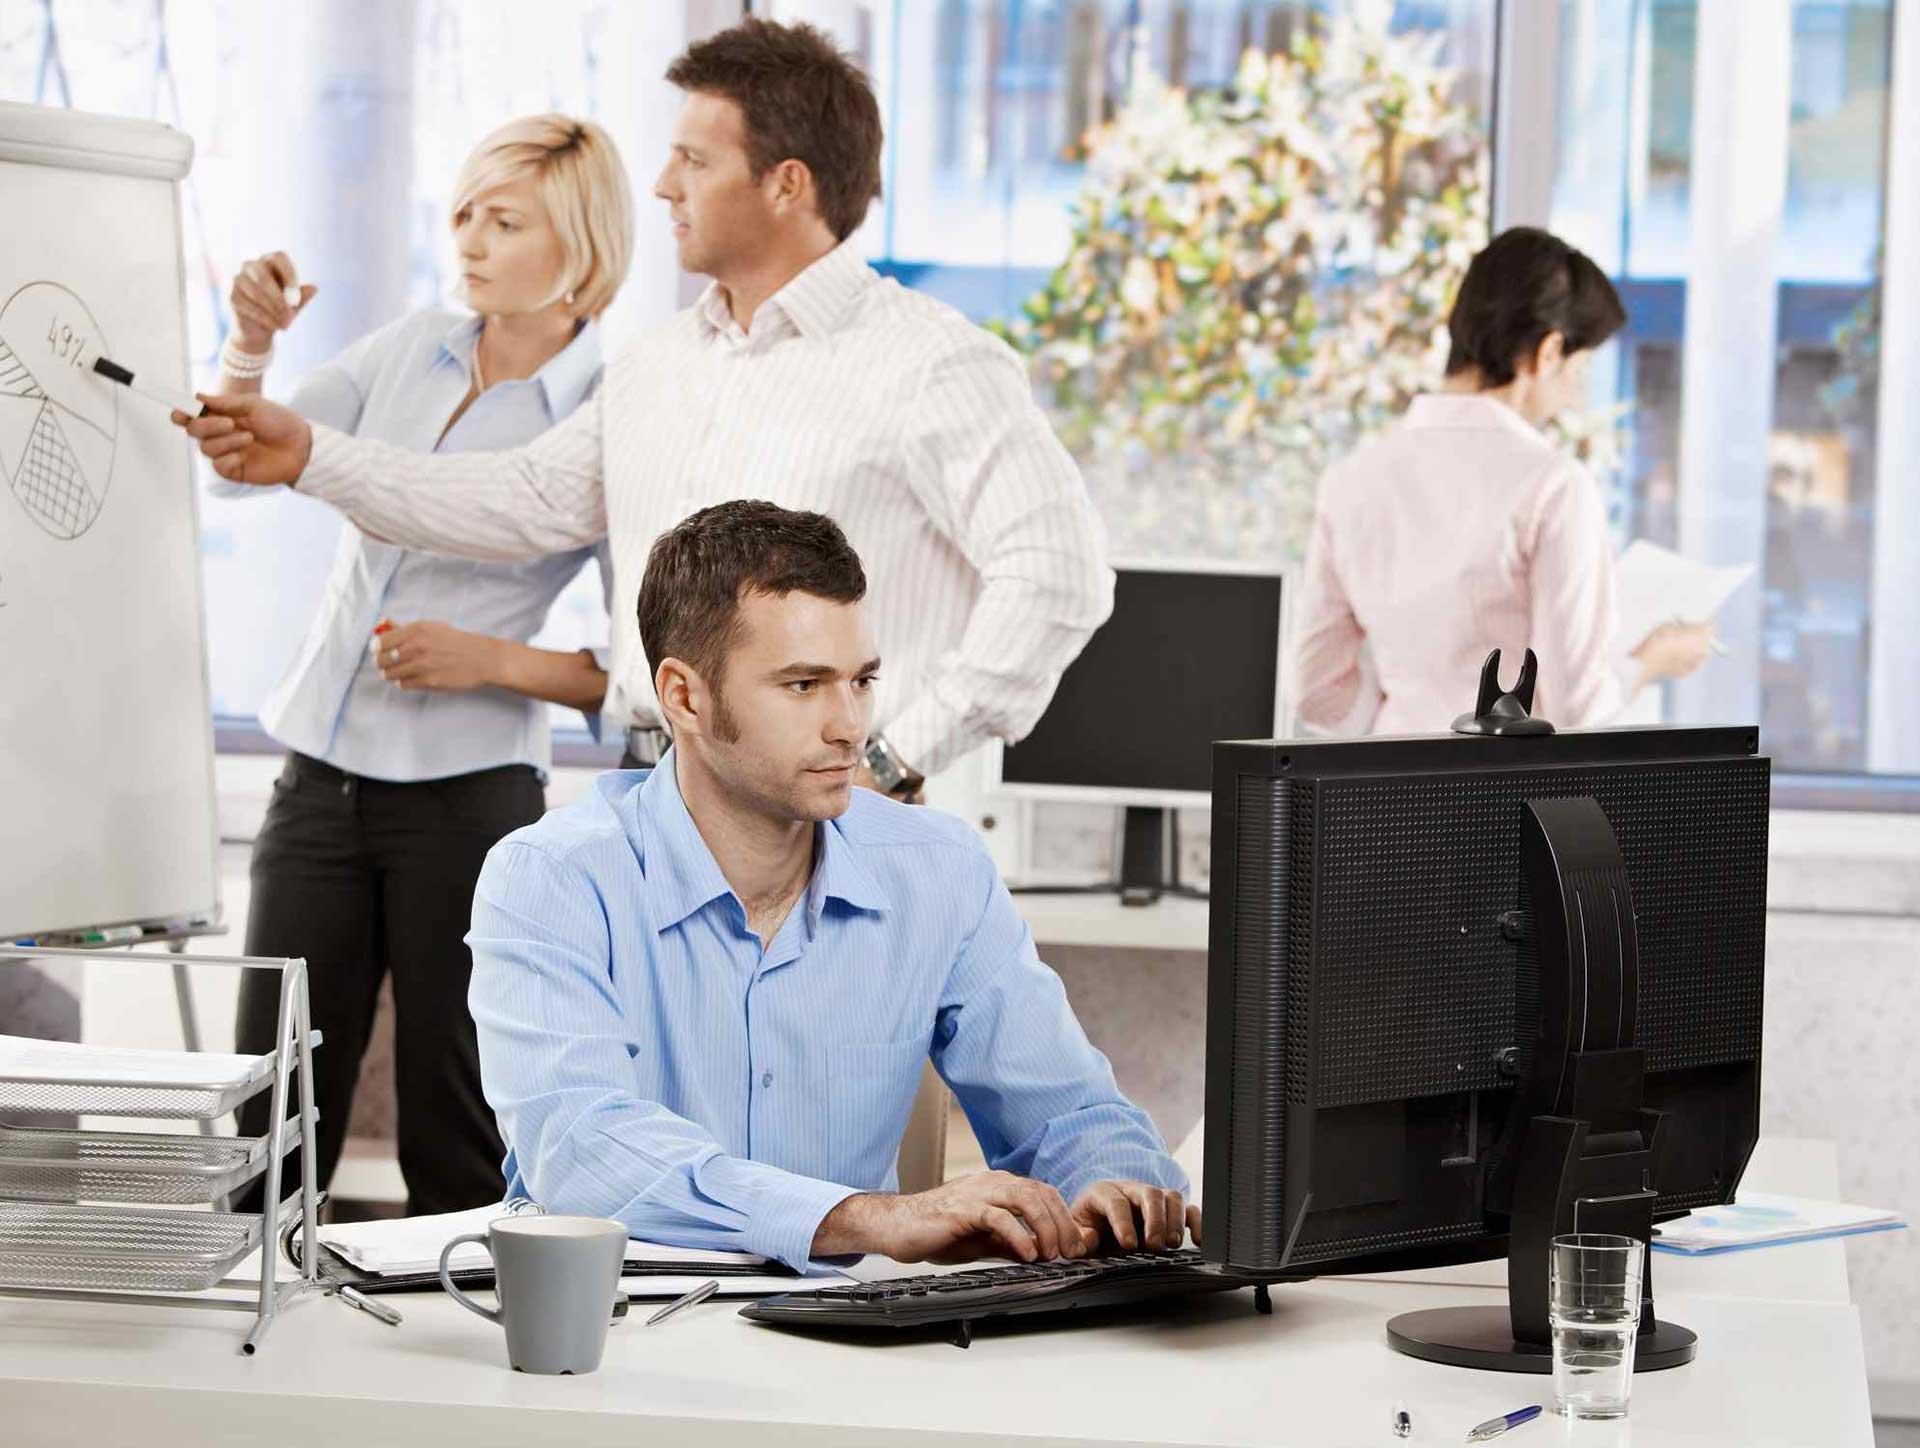 Бесплатный вебинар: Как гарантированно увеличить продажи на 30% без дополнительных затрат с помощью автоматизации отдела продаж